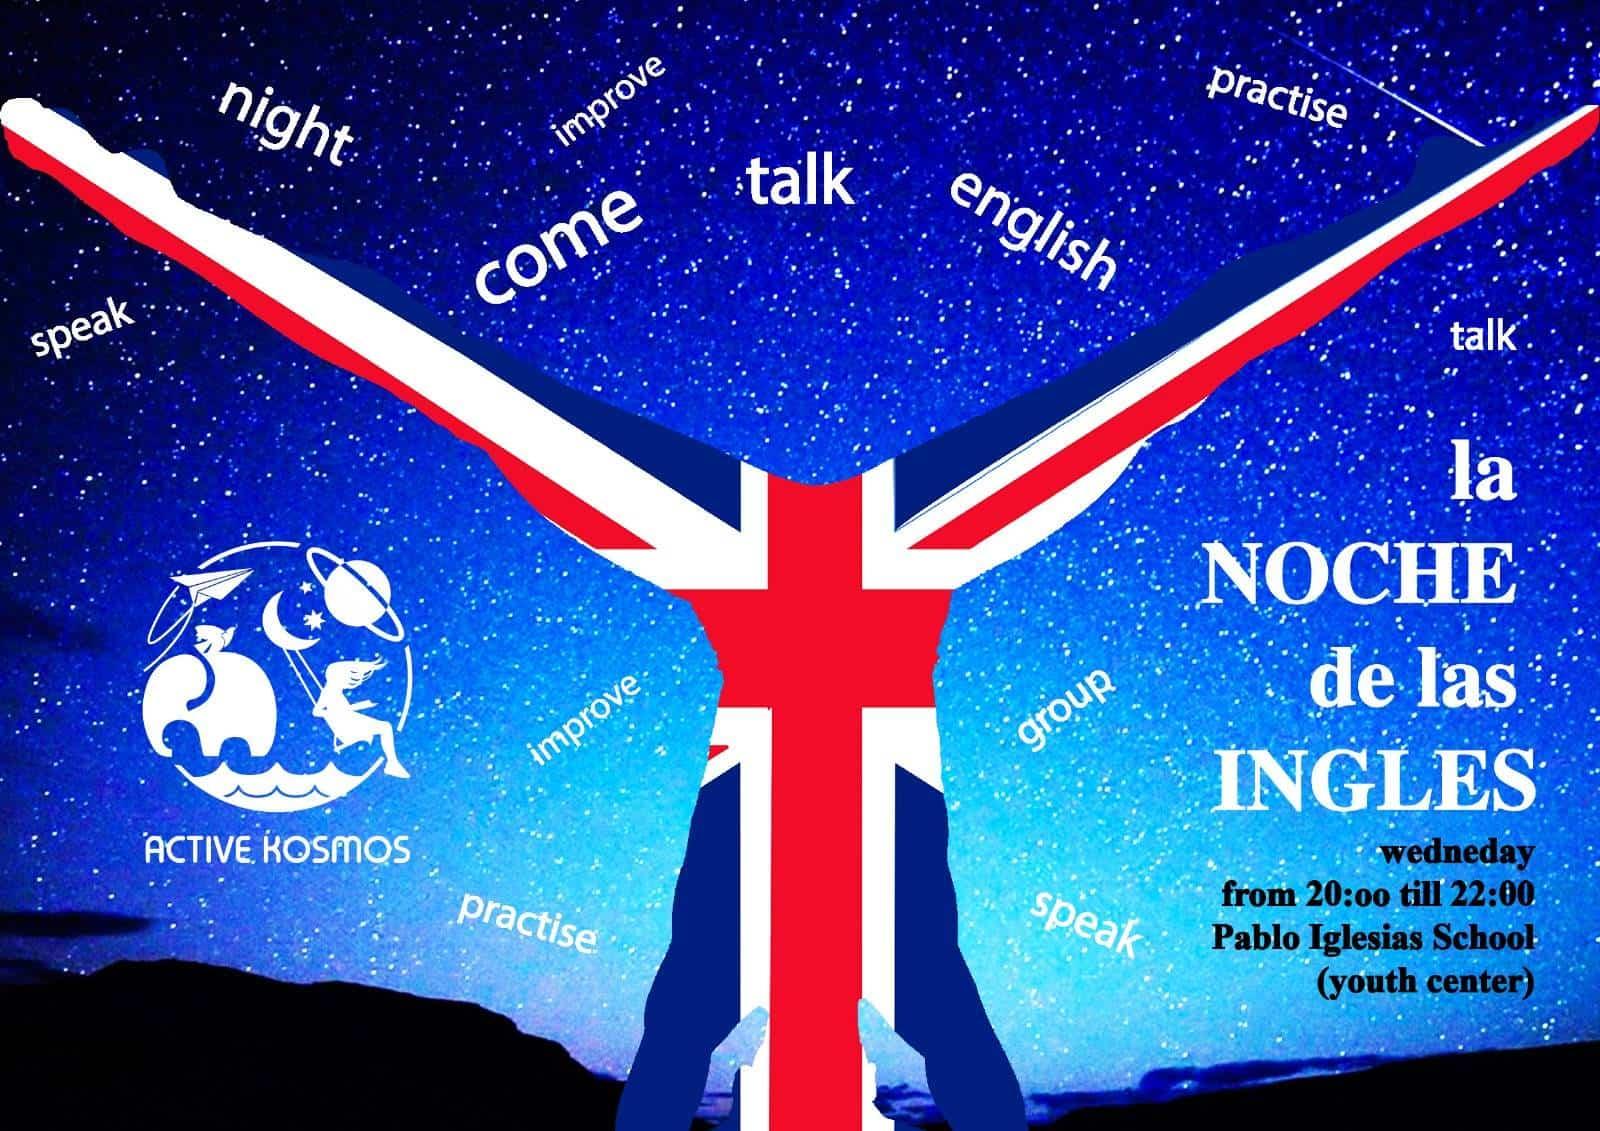 Aktive Kosmos pone en marcha un aula para hablar en inglés 3